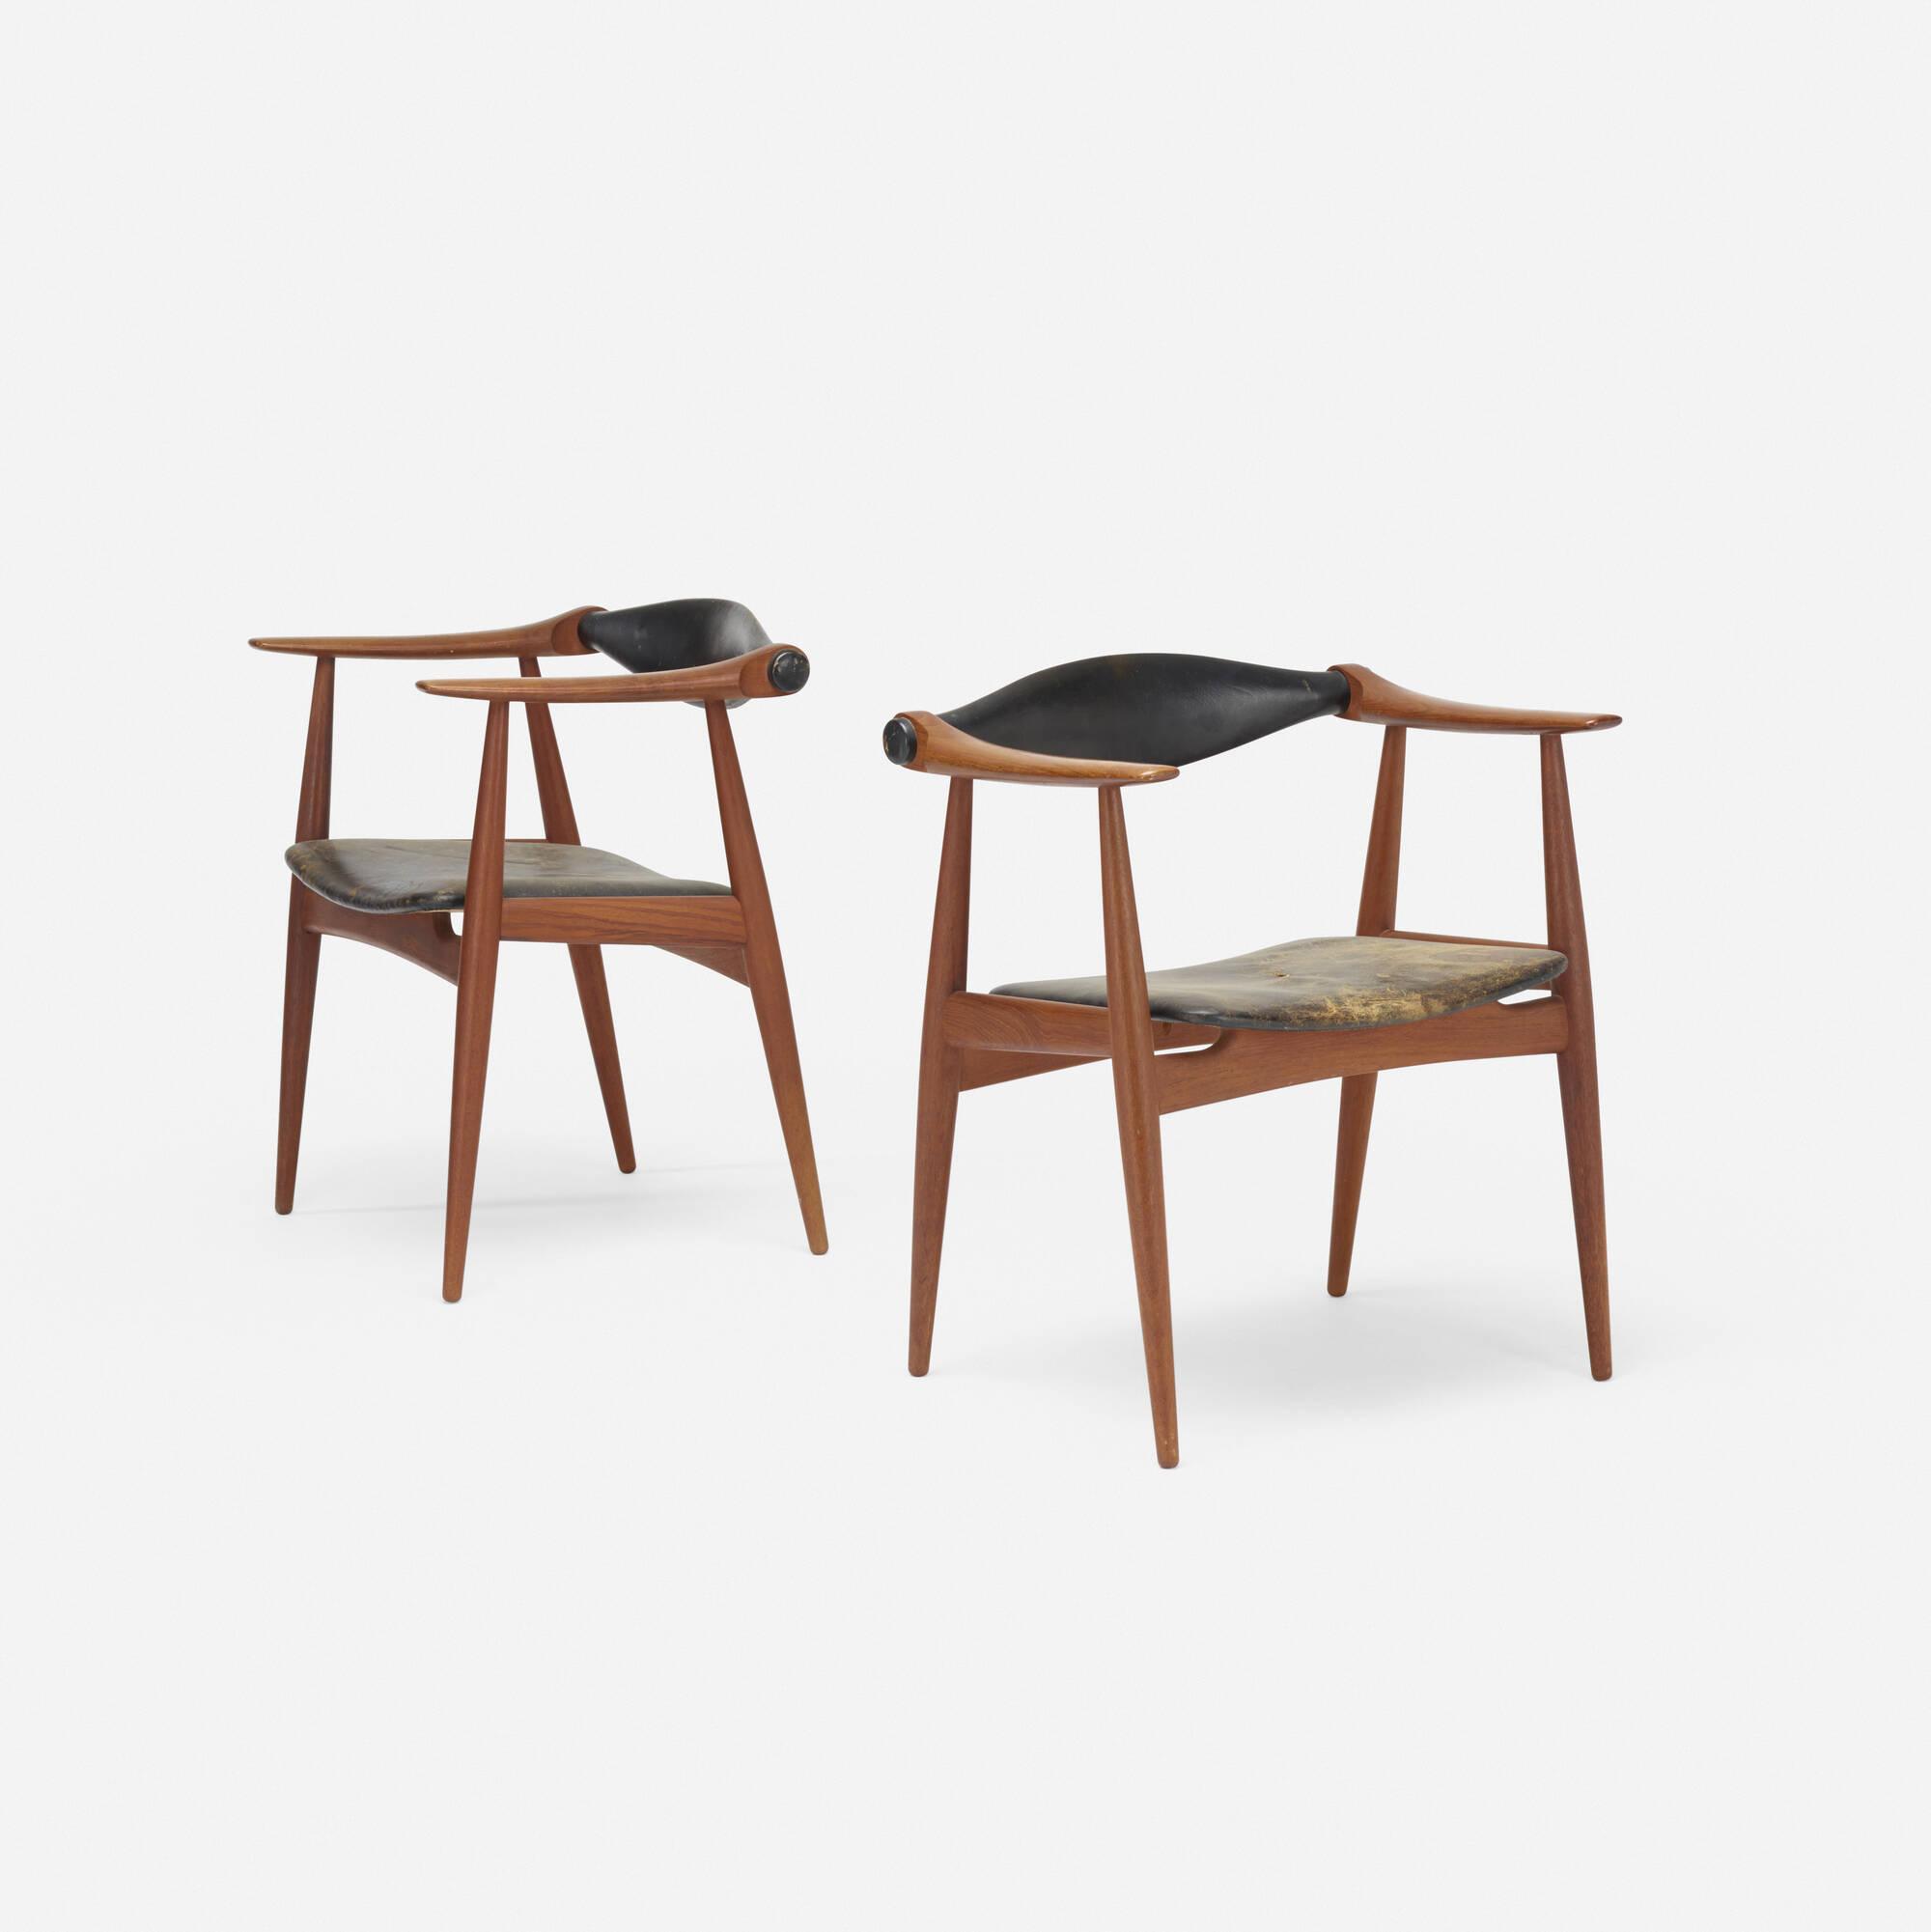 117: Hans J. Wegner / armchairs model CH34, pair (2 of 4)